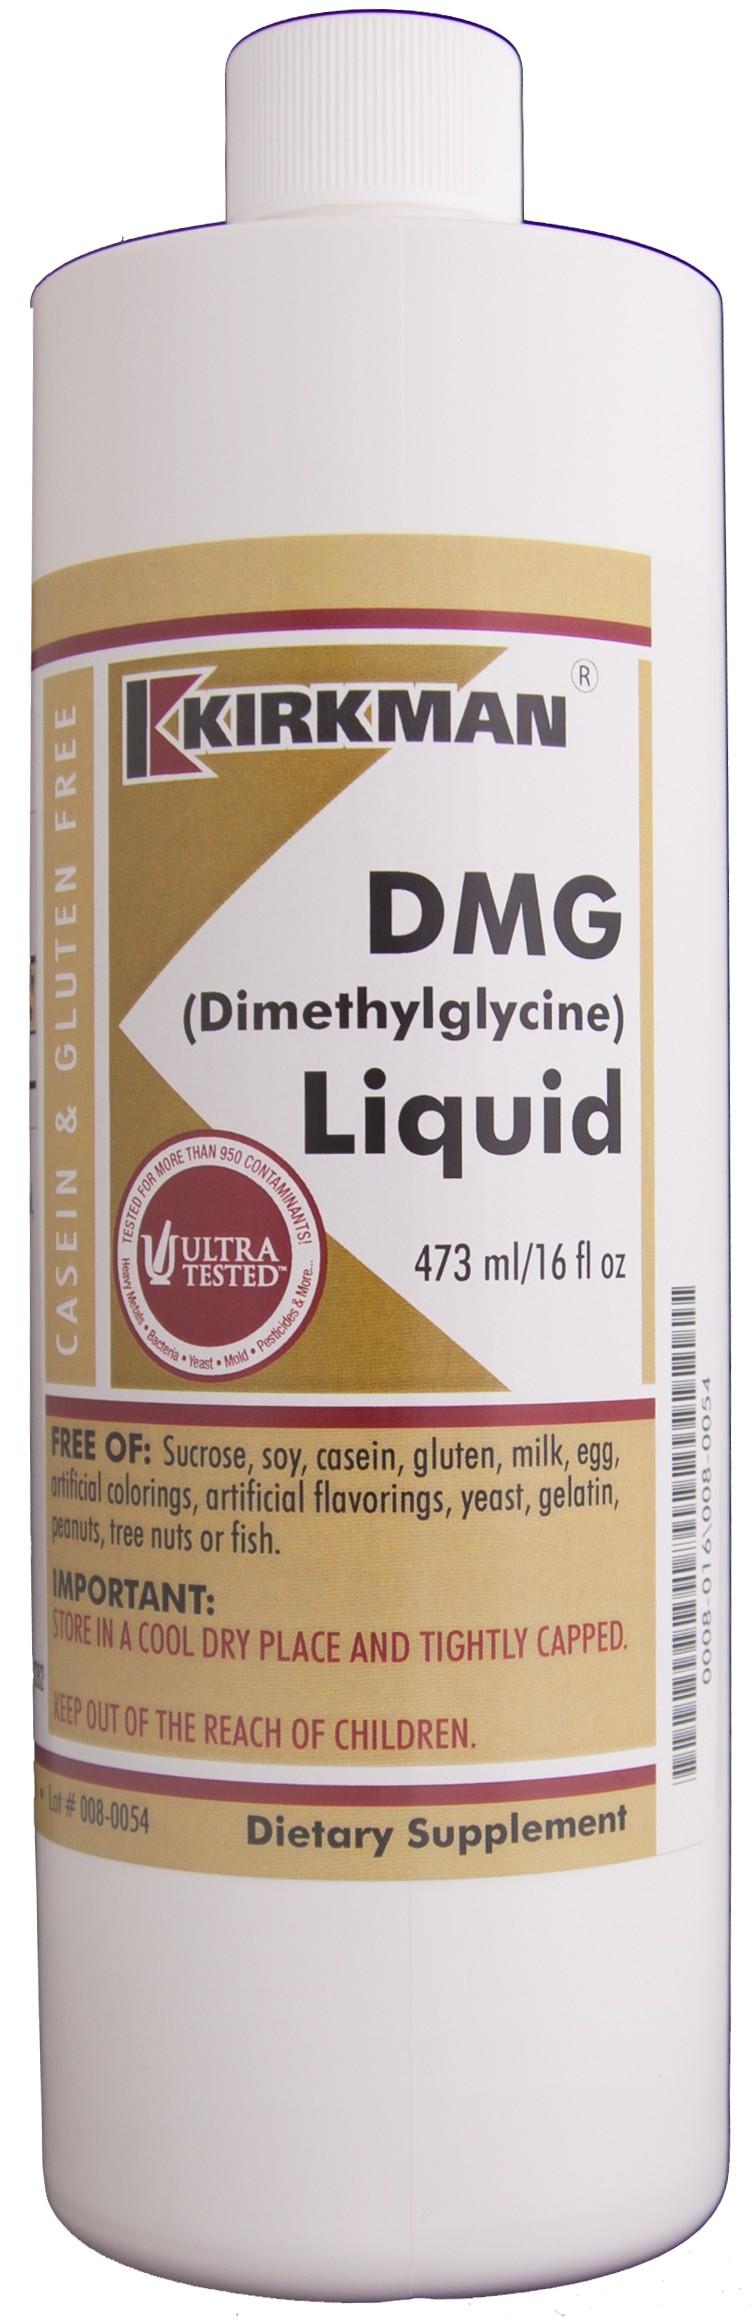 DMG (Dimethylglycine) Liquid 473ml